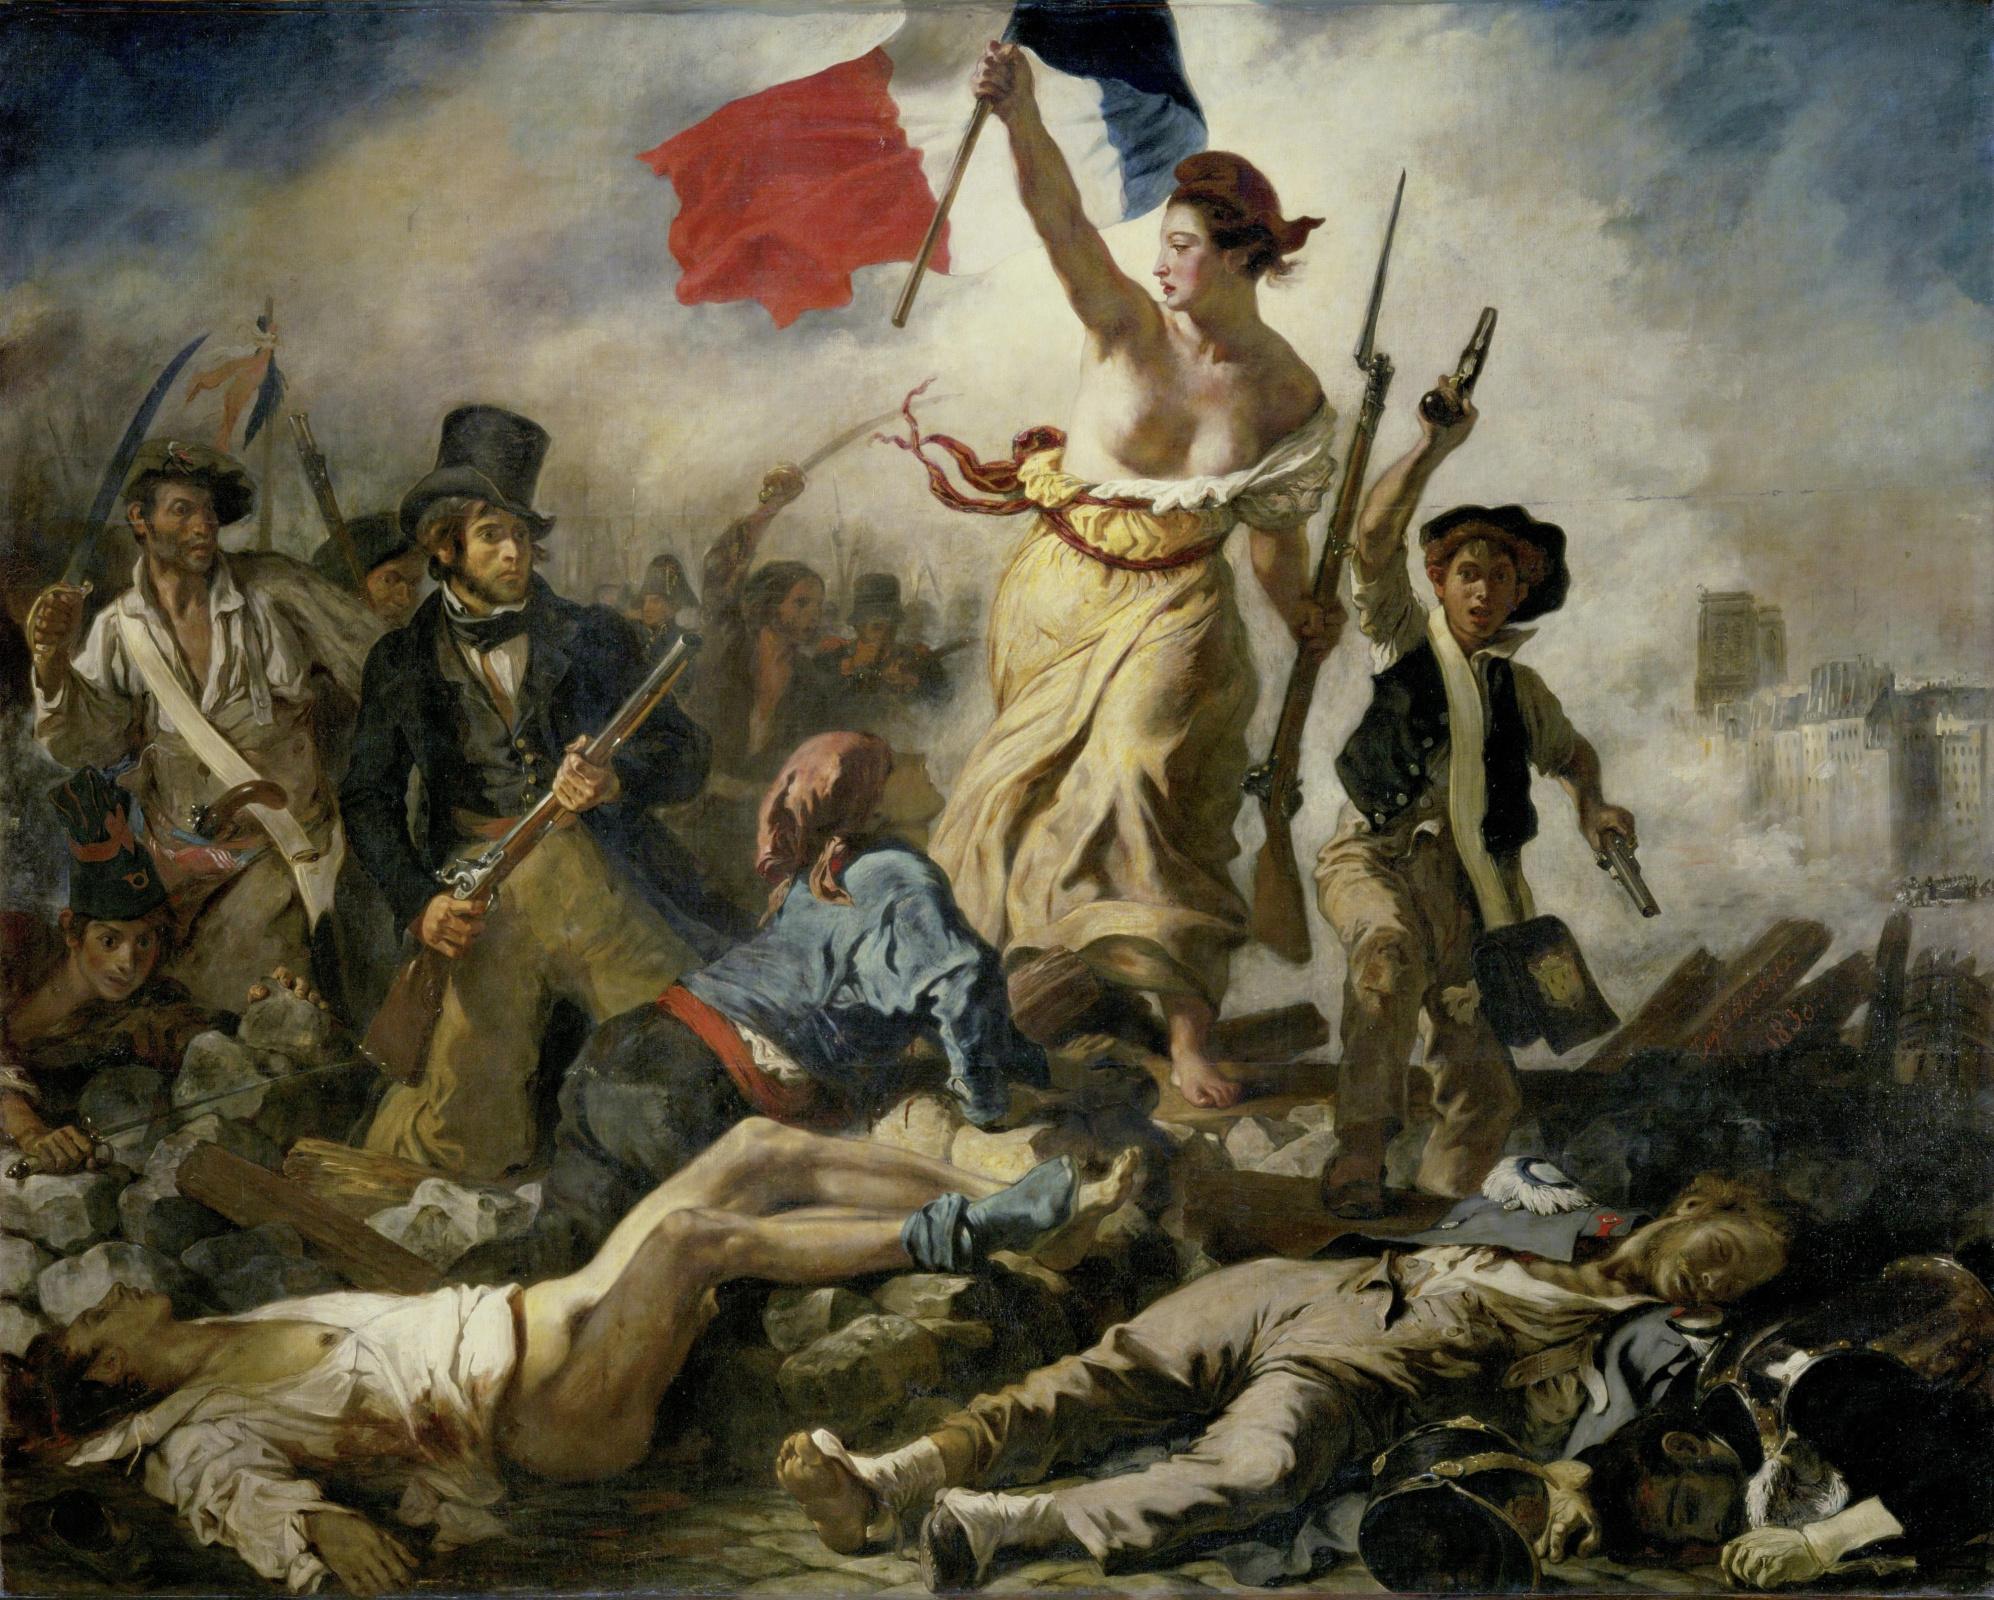 Описание картины Эжена Делакруа «Свобода, ведущая народ»